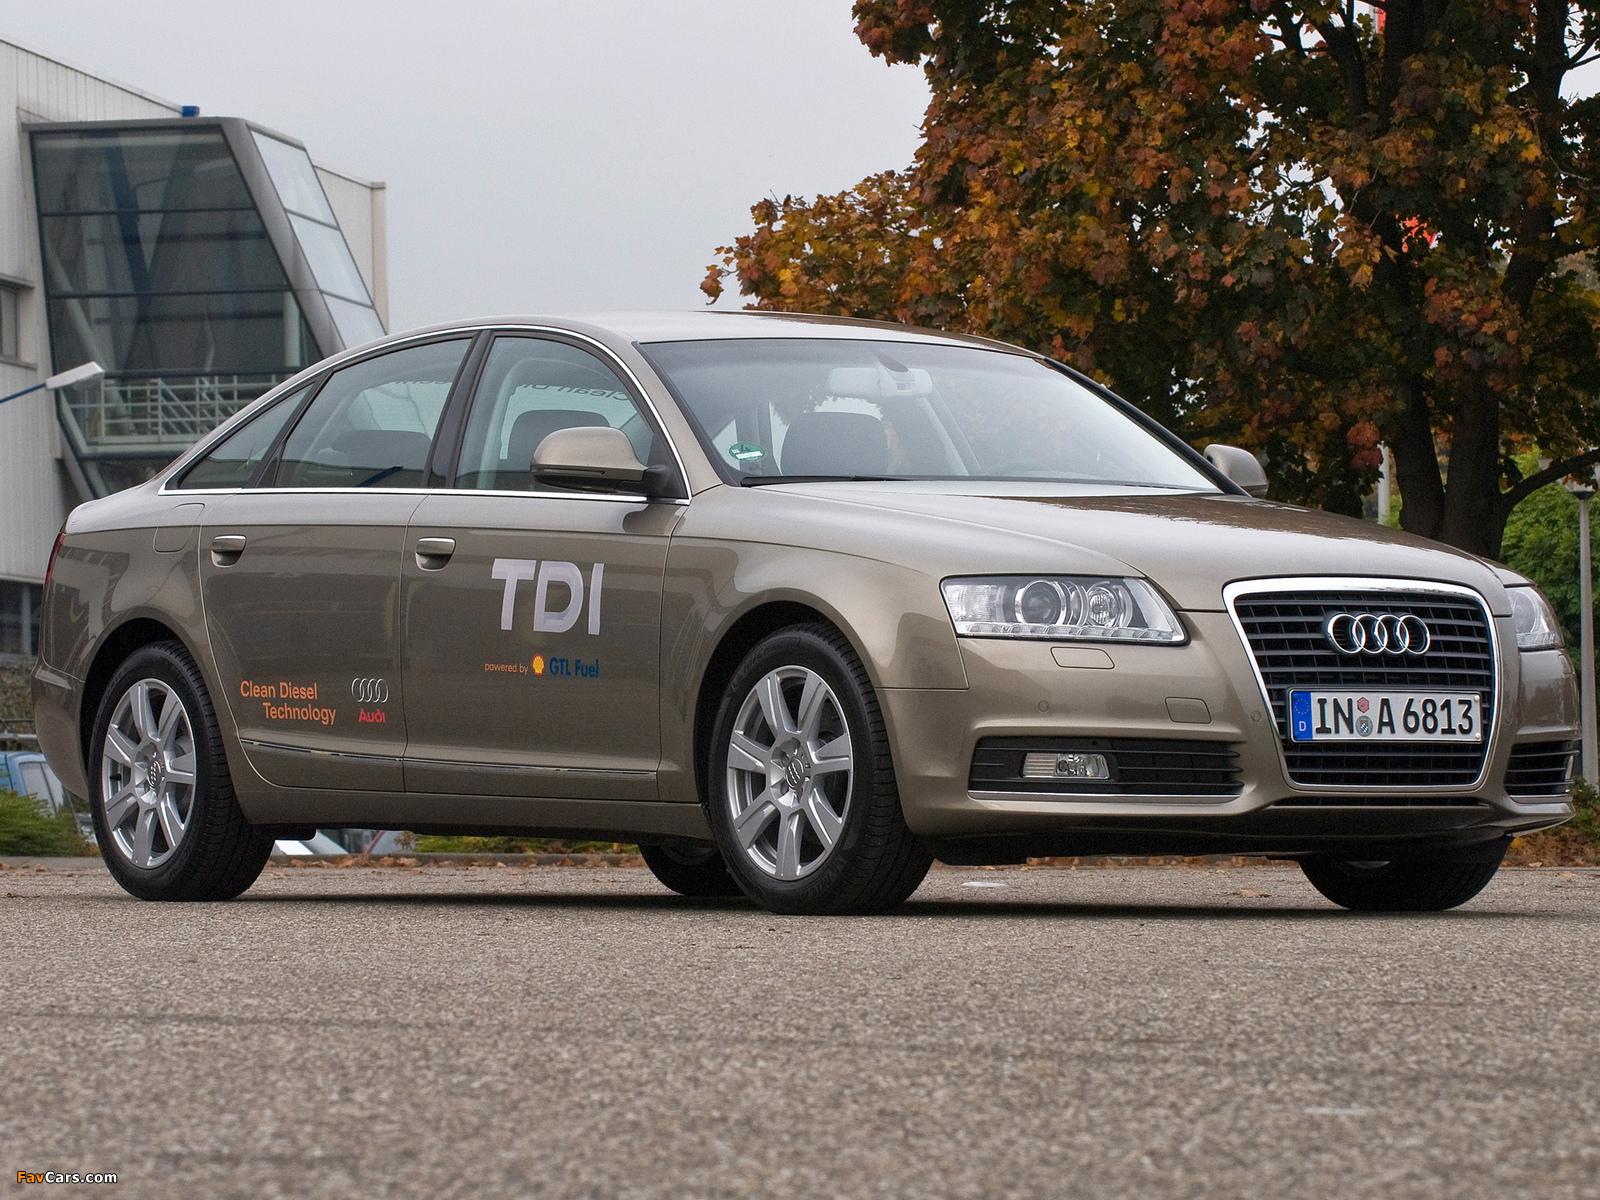 Audi A6 2 0 Tdie Sedan 4f C6 2008 11 Photos 1600x1200